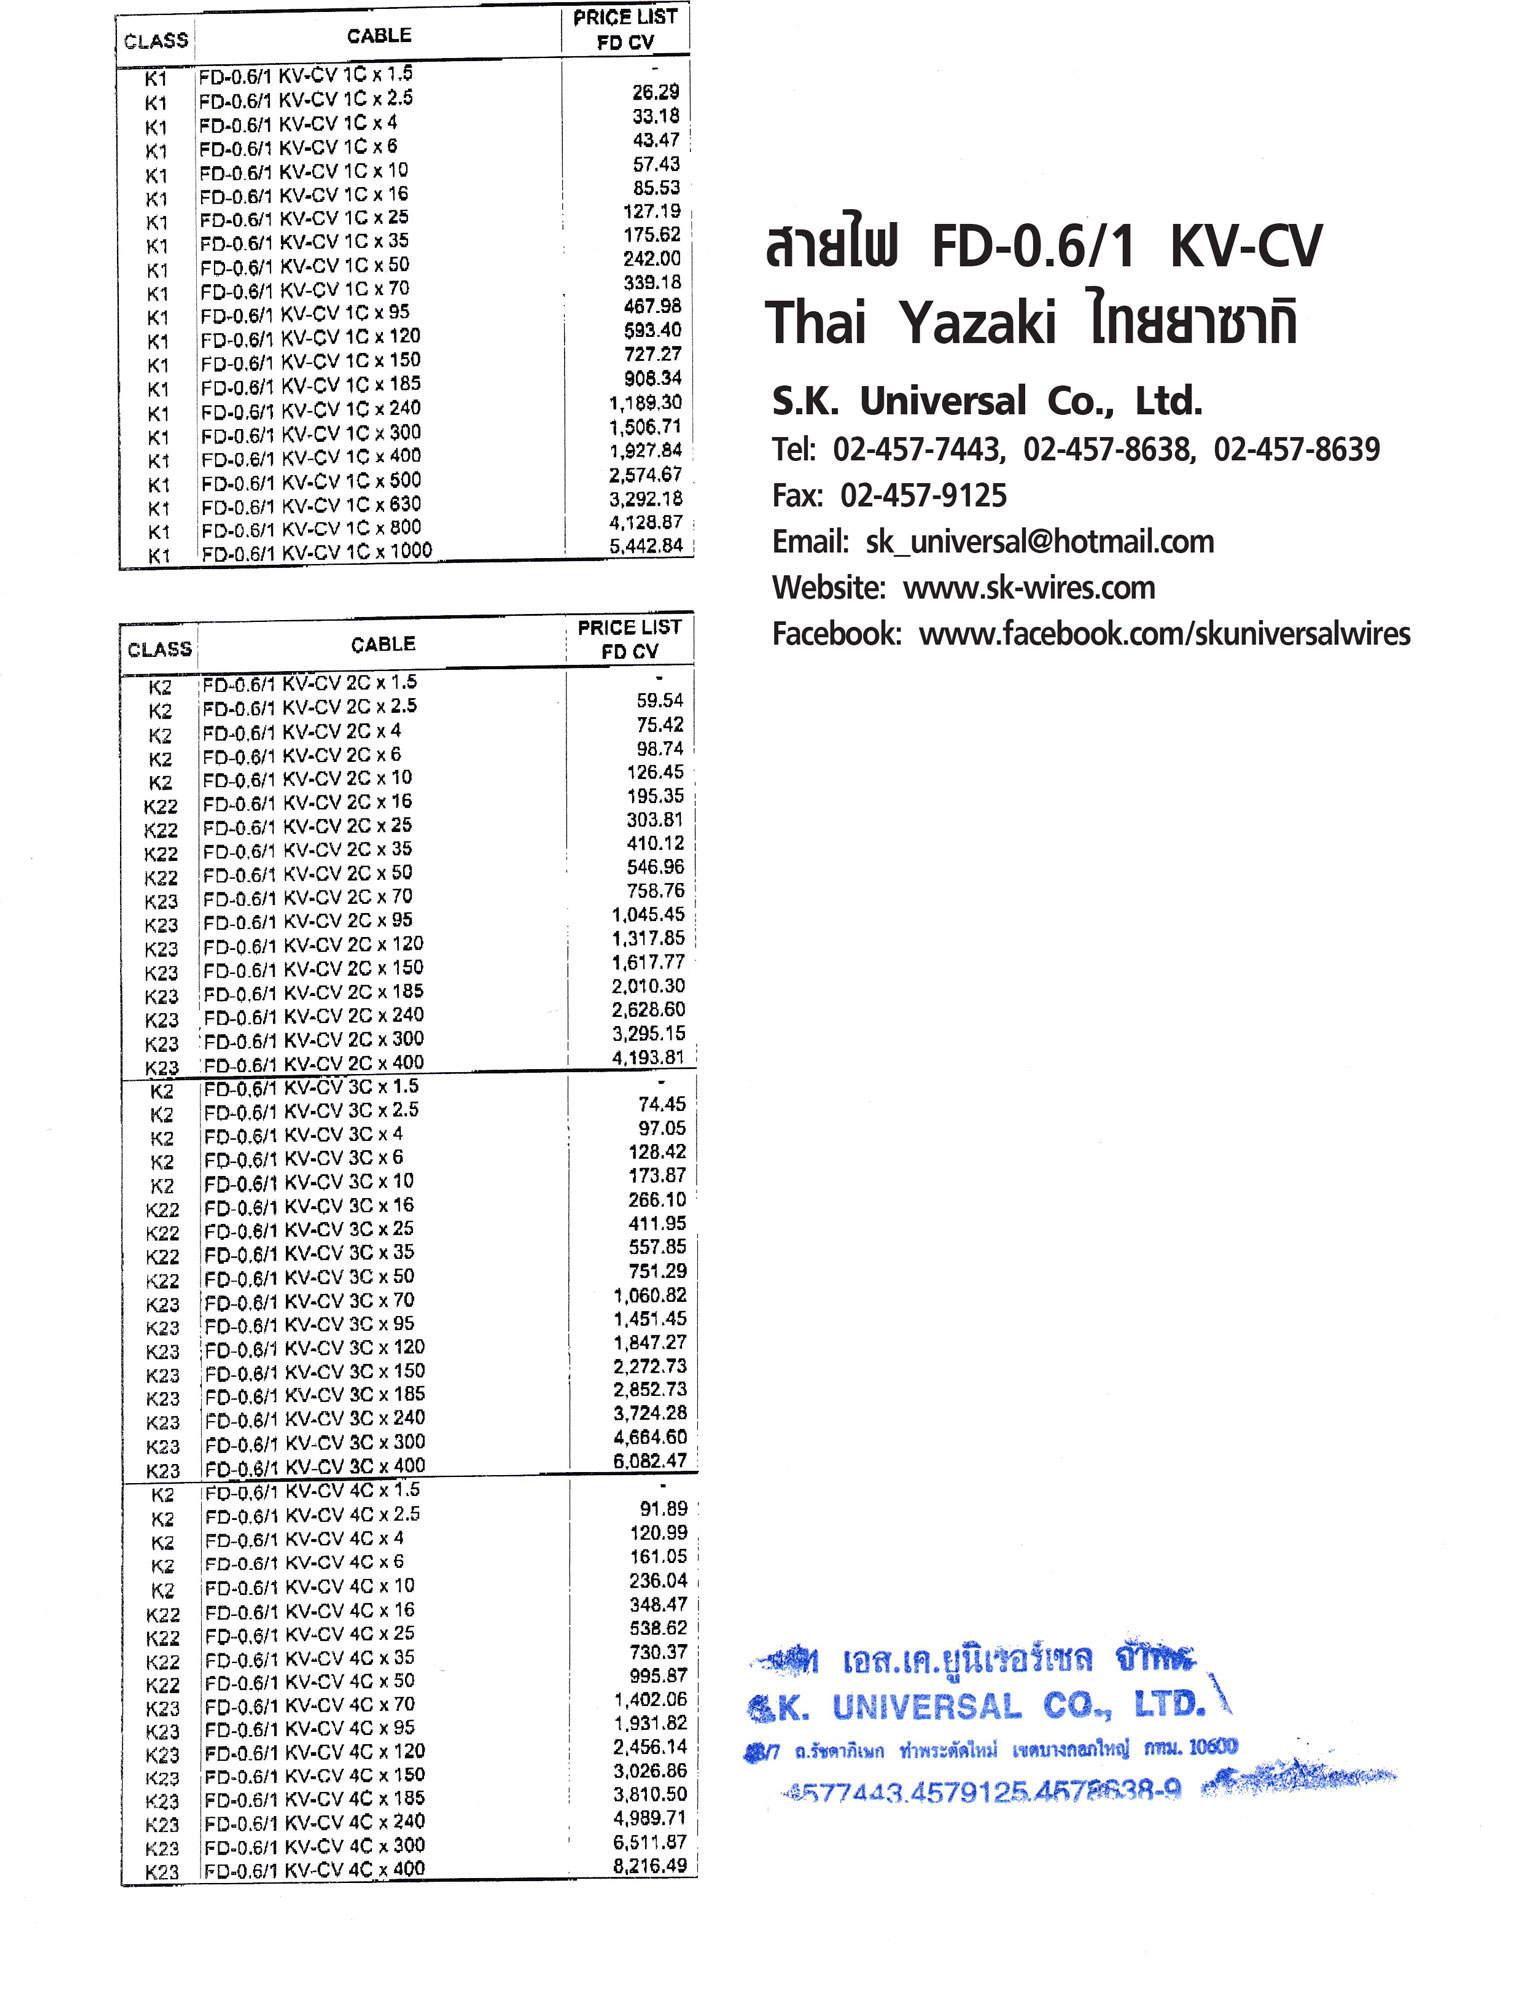 สายไฟ FD_06-1KV-CV Price List